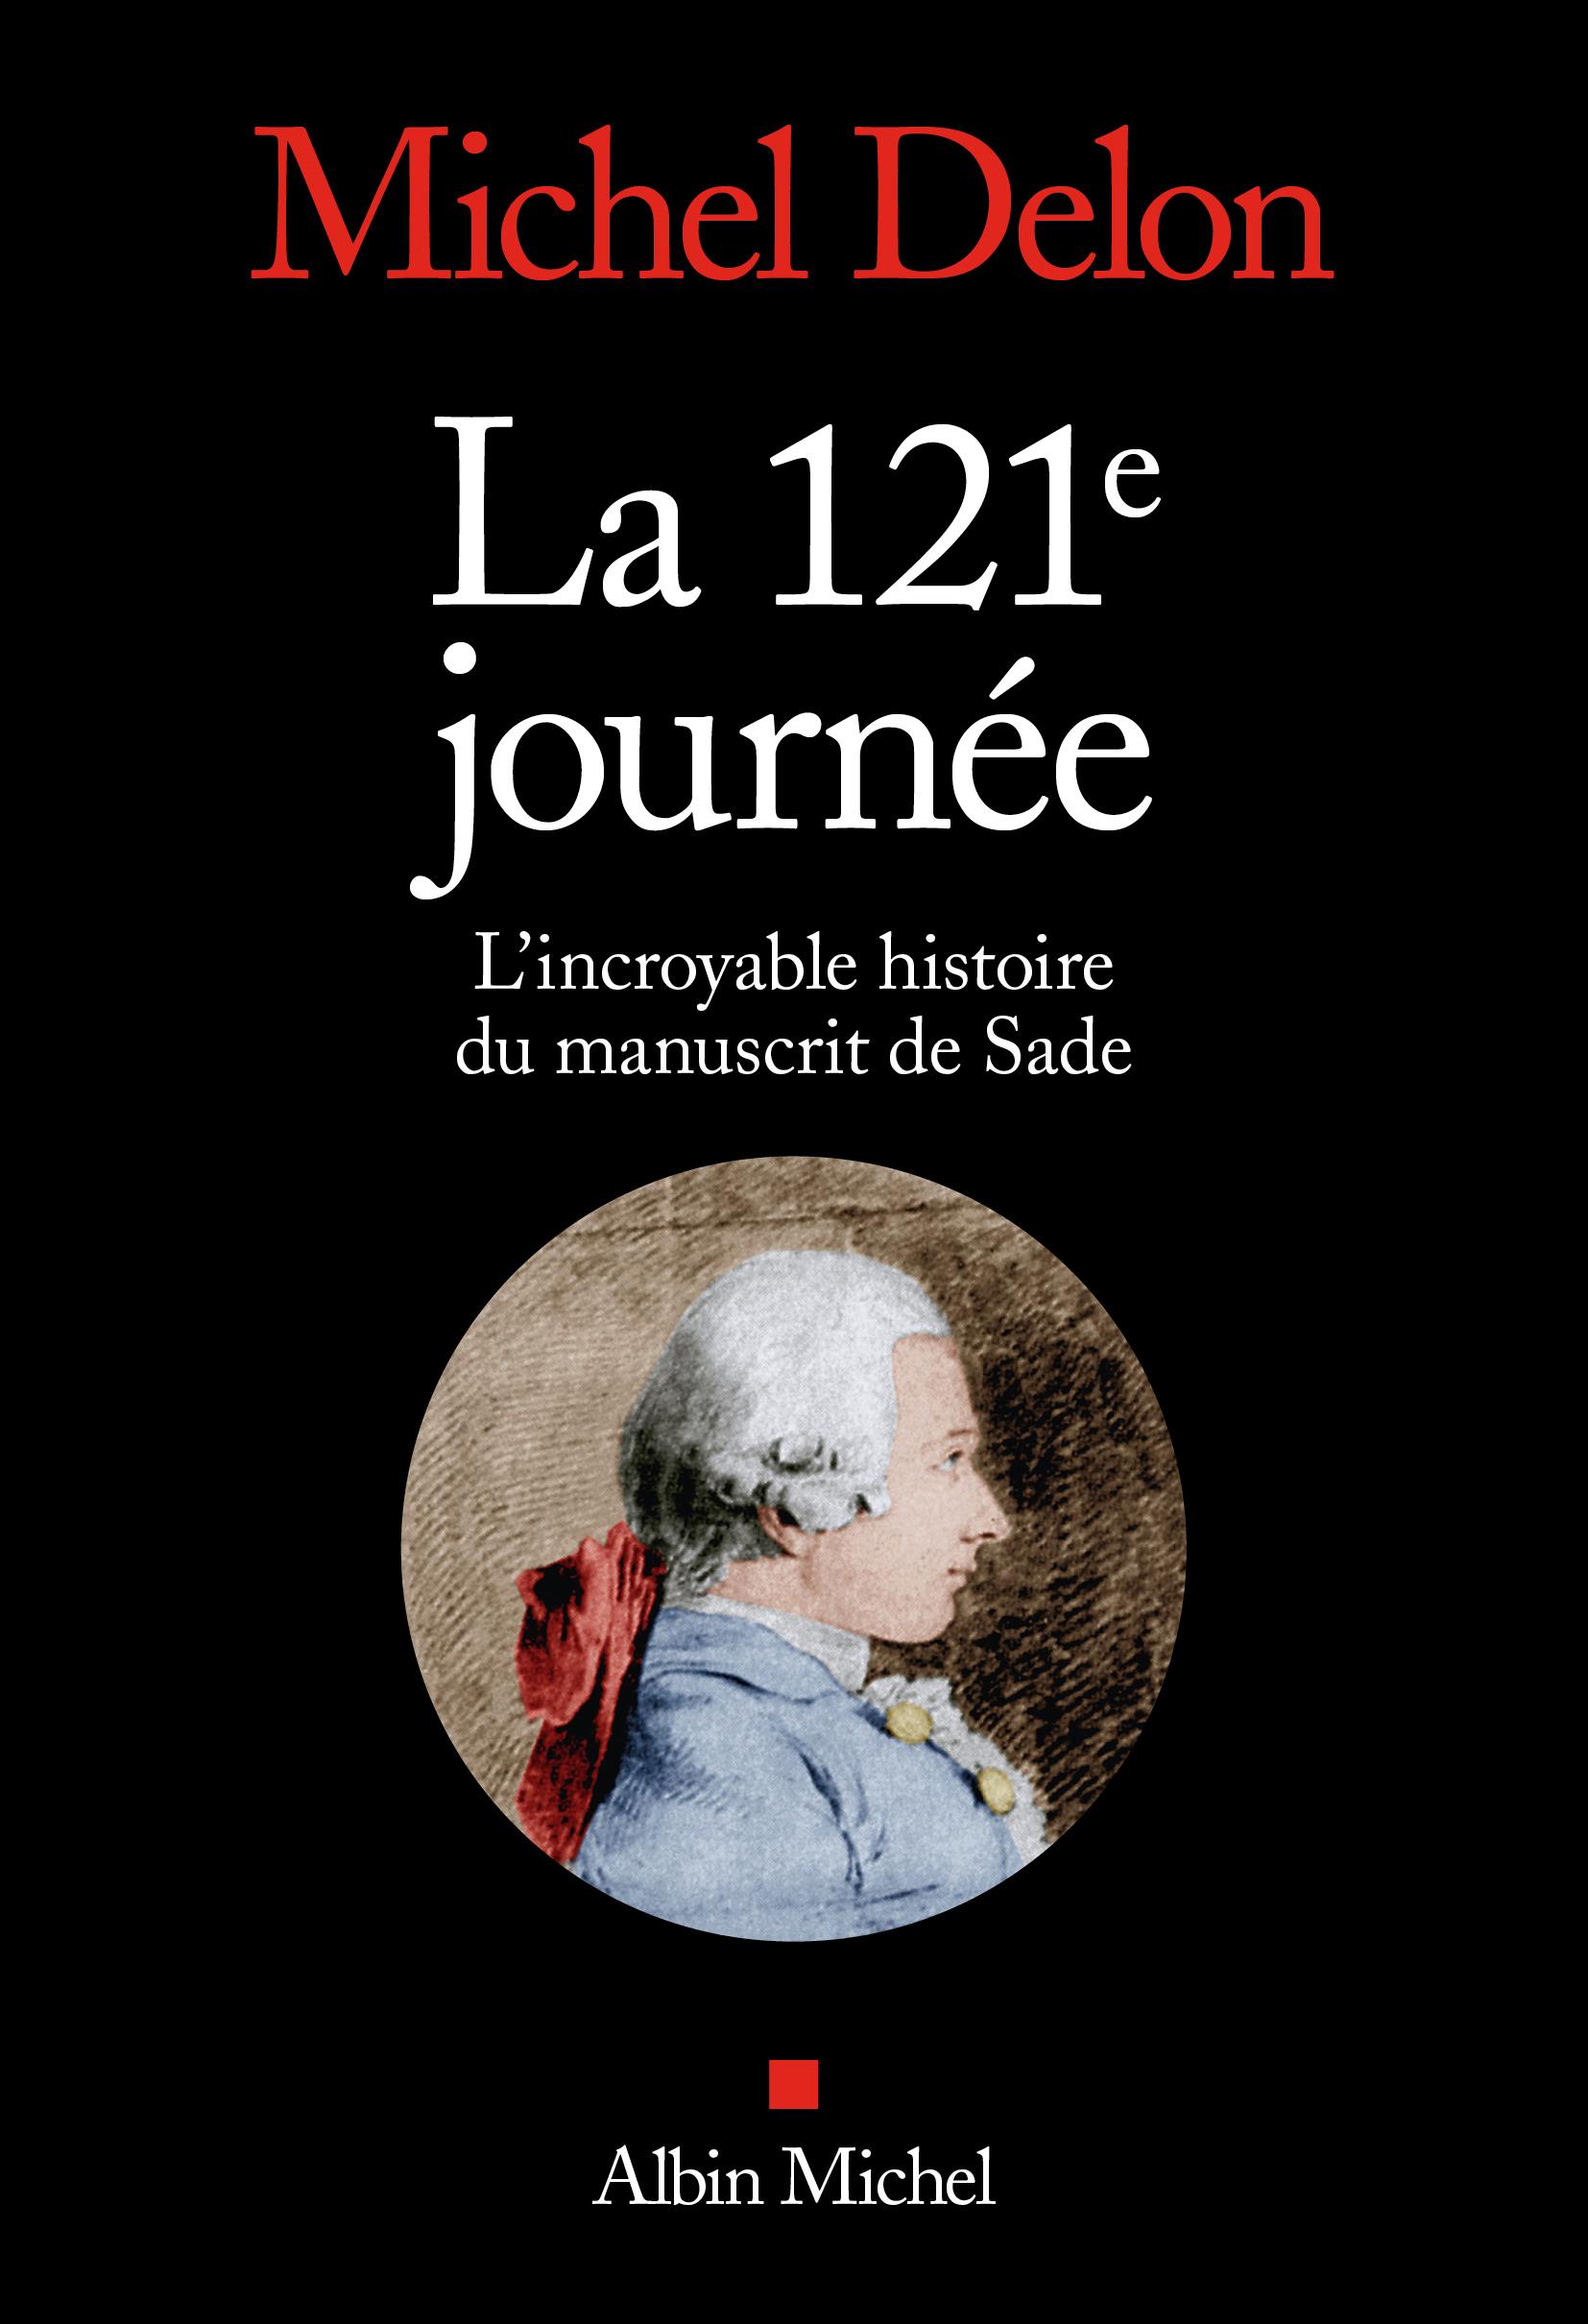 M. Delon, La 121ème journée. L'incroyable histoire du manuscrit de Sade